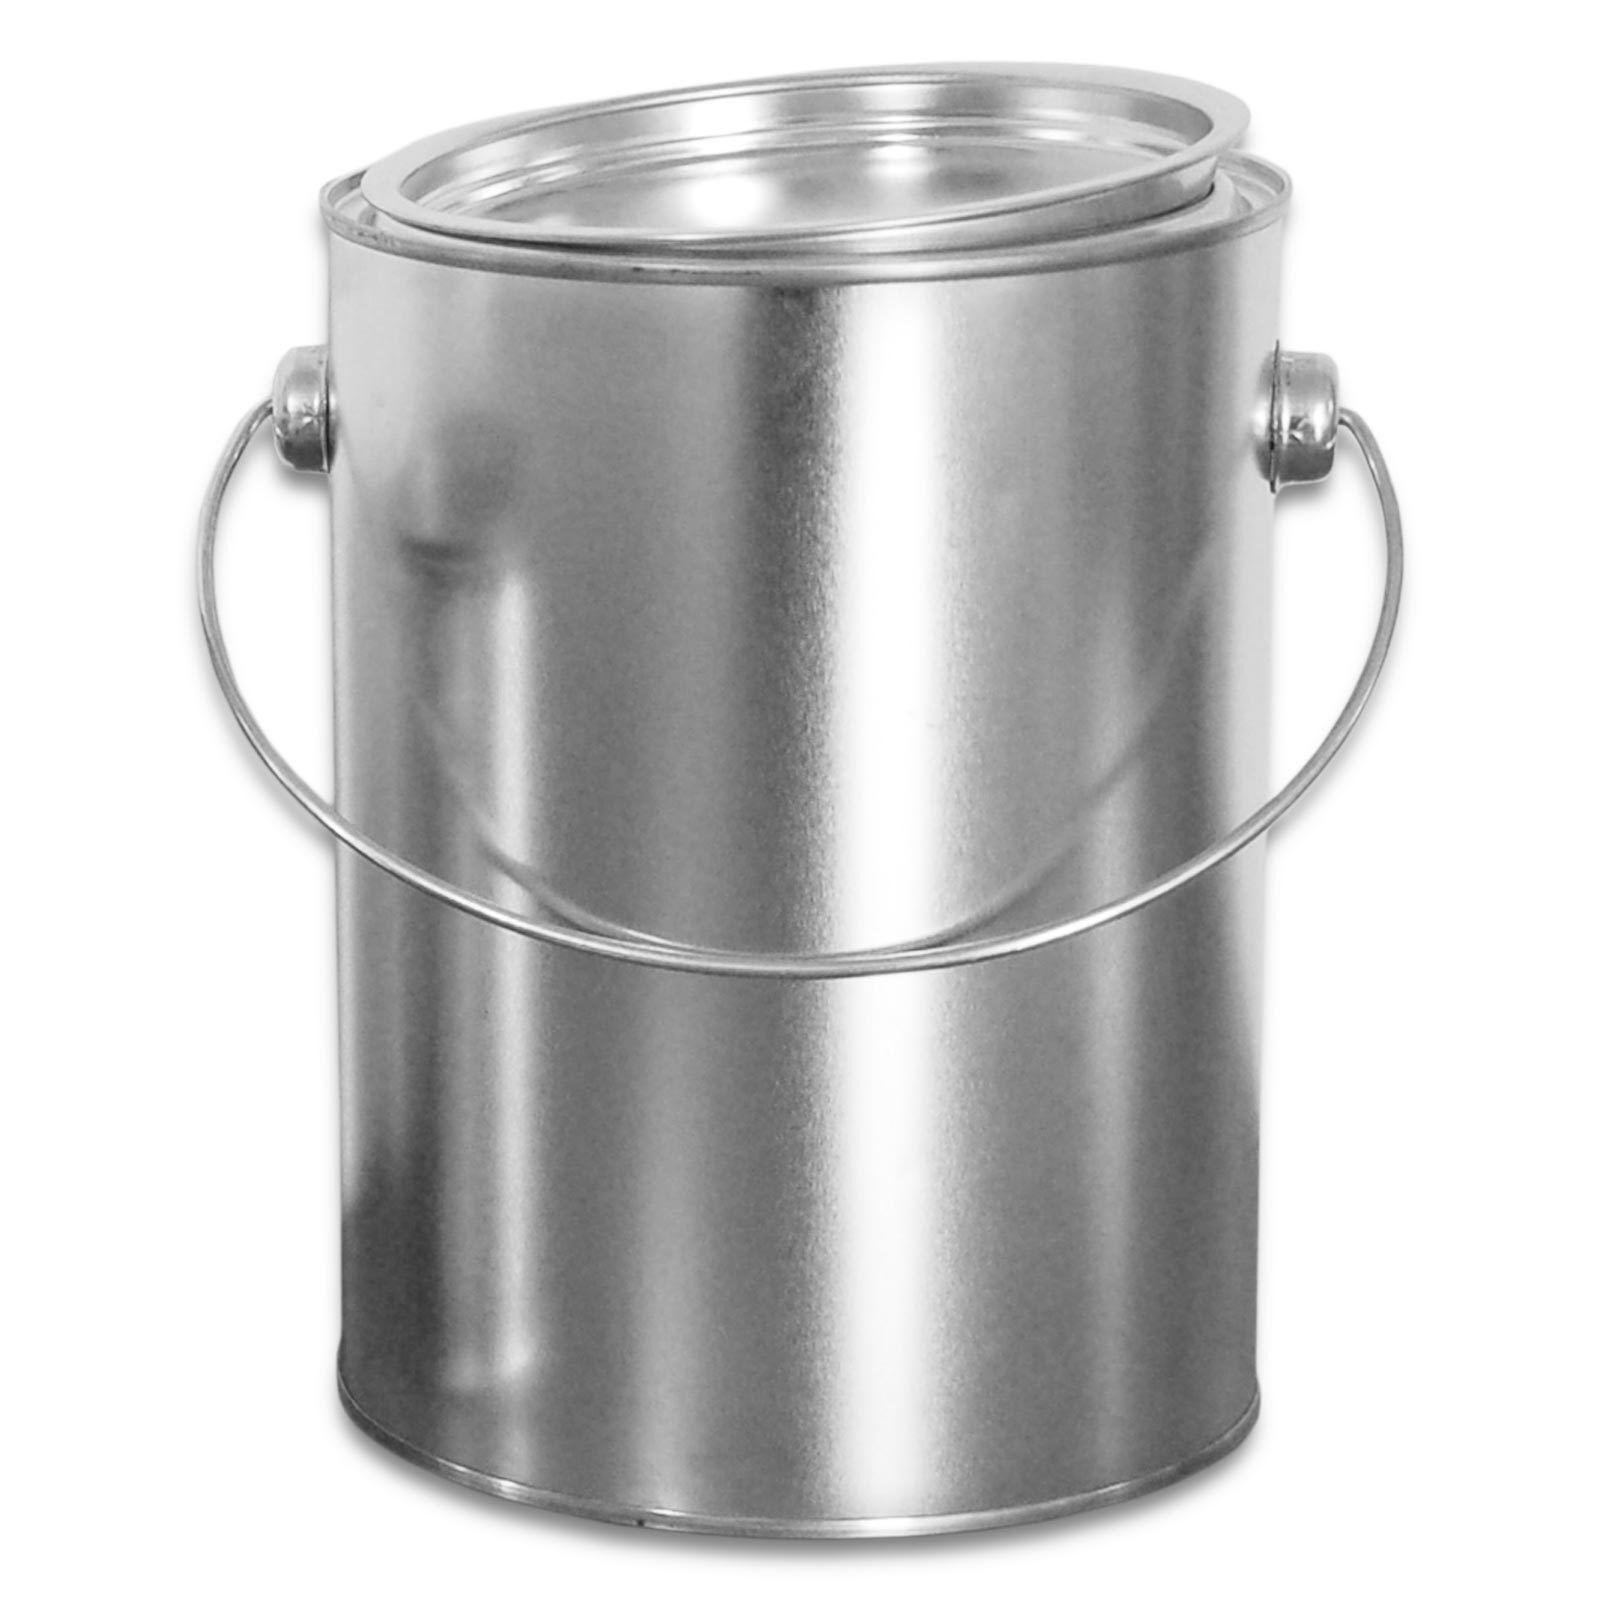 Boîte métallique 2,5 L avec anse et couvercle, rangement cuisine garage (23009)